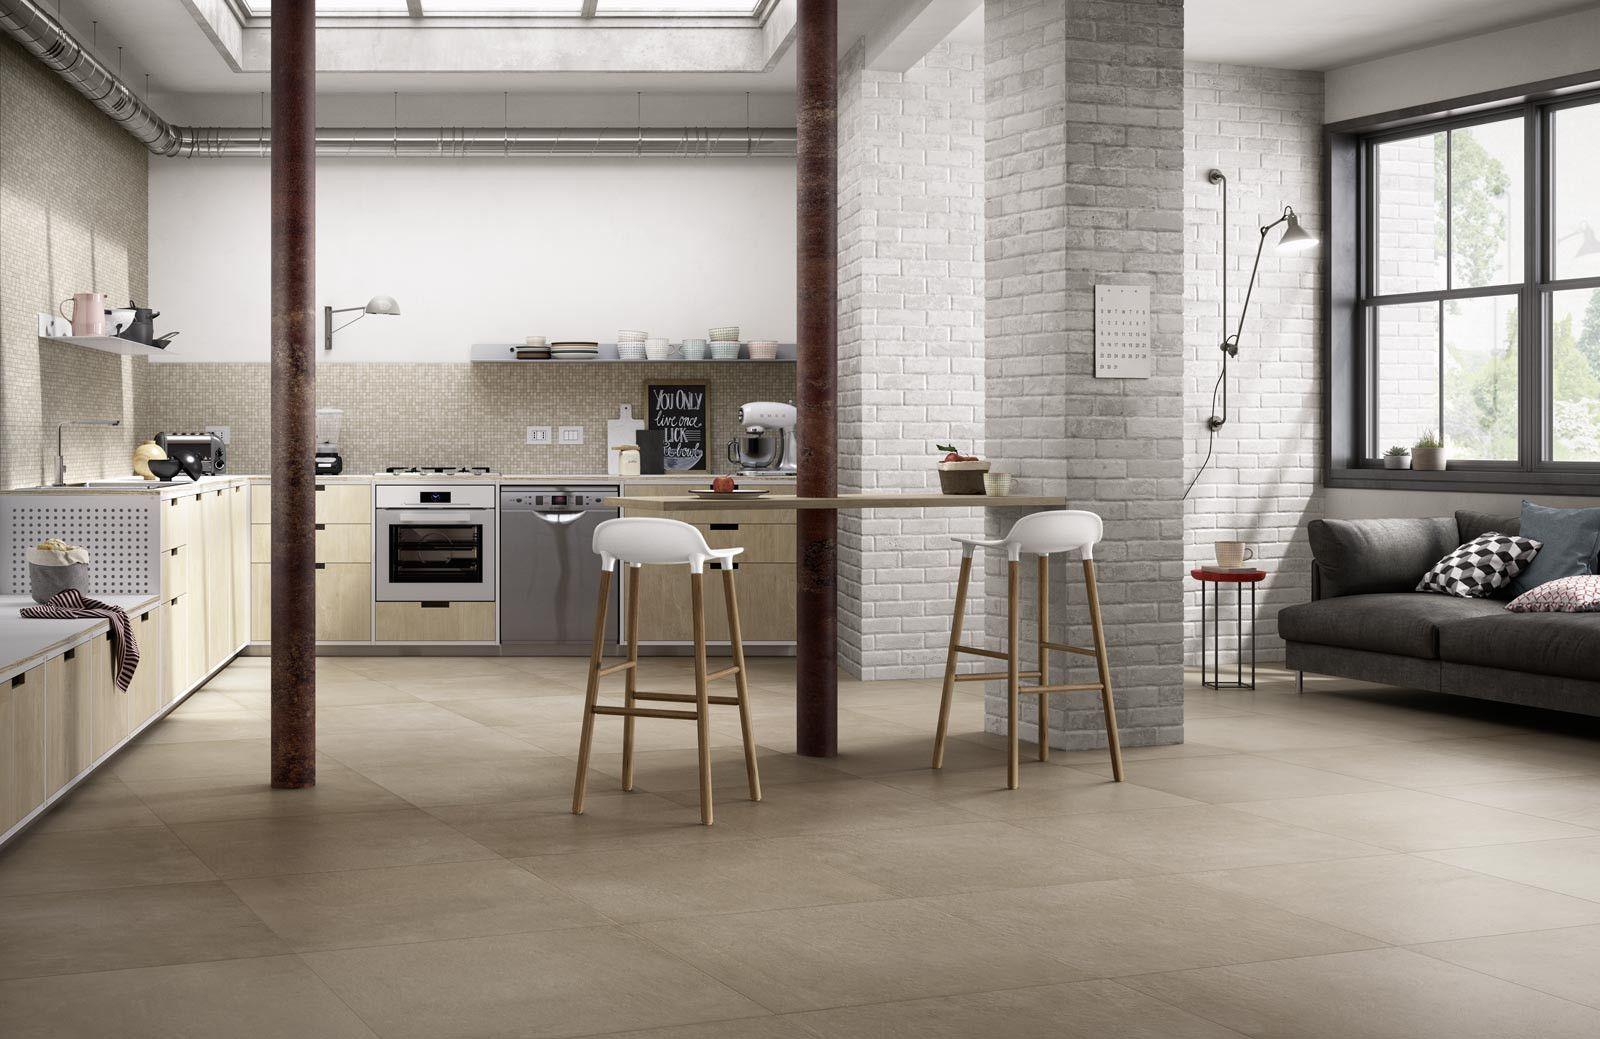 Feinsteinzeug Fliesen Küche | Ragno Studio Sabbia 60x60 Cm R4pv Feinsteinzeug Betonoptik